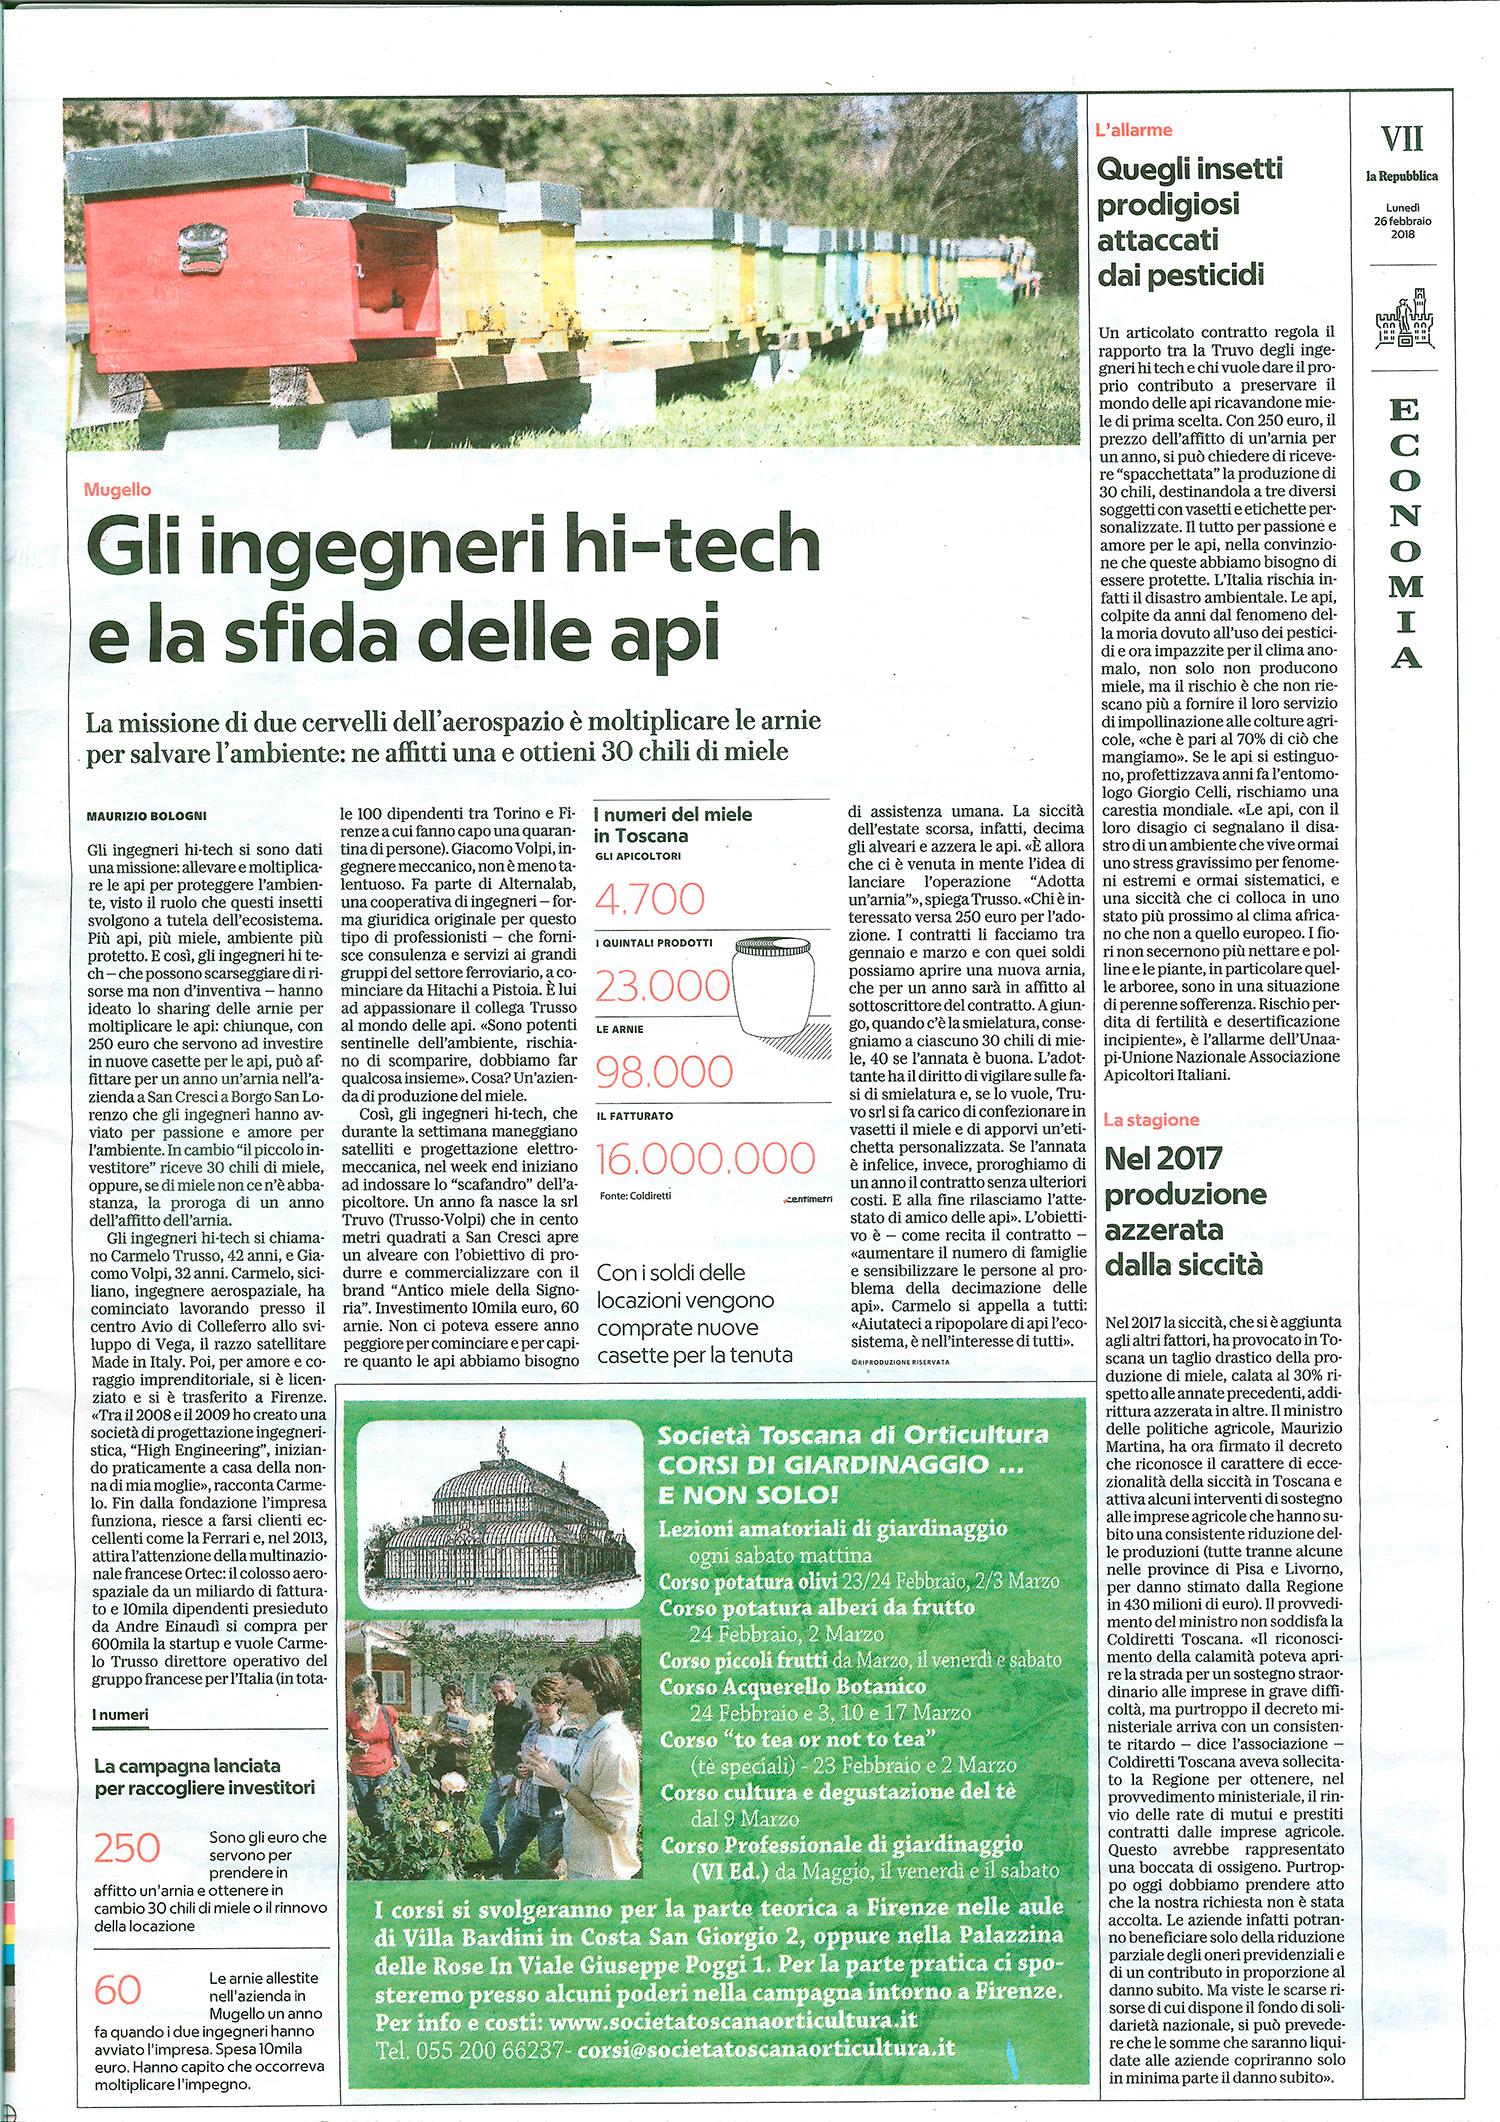 Articolo La Repubblica Firenze, 26 febbraio 2018